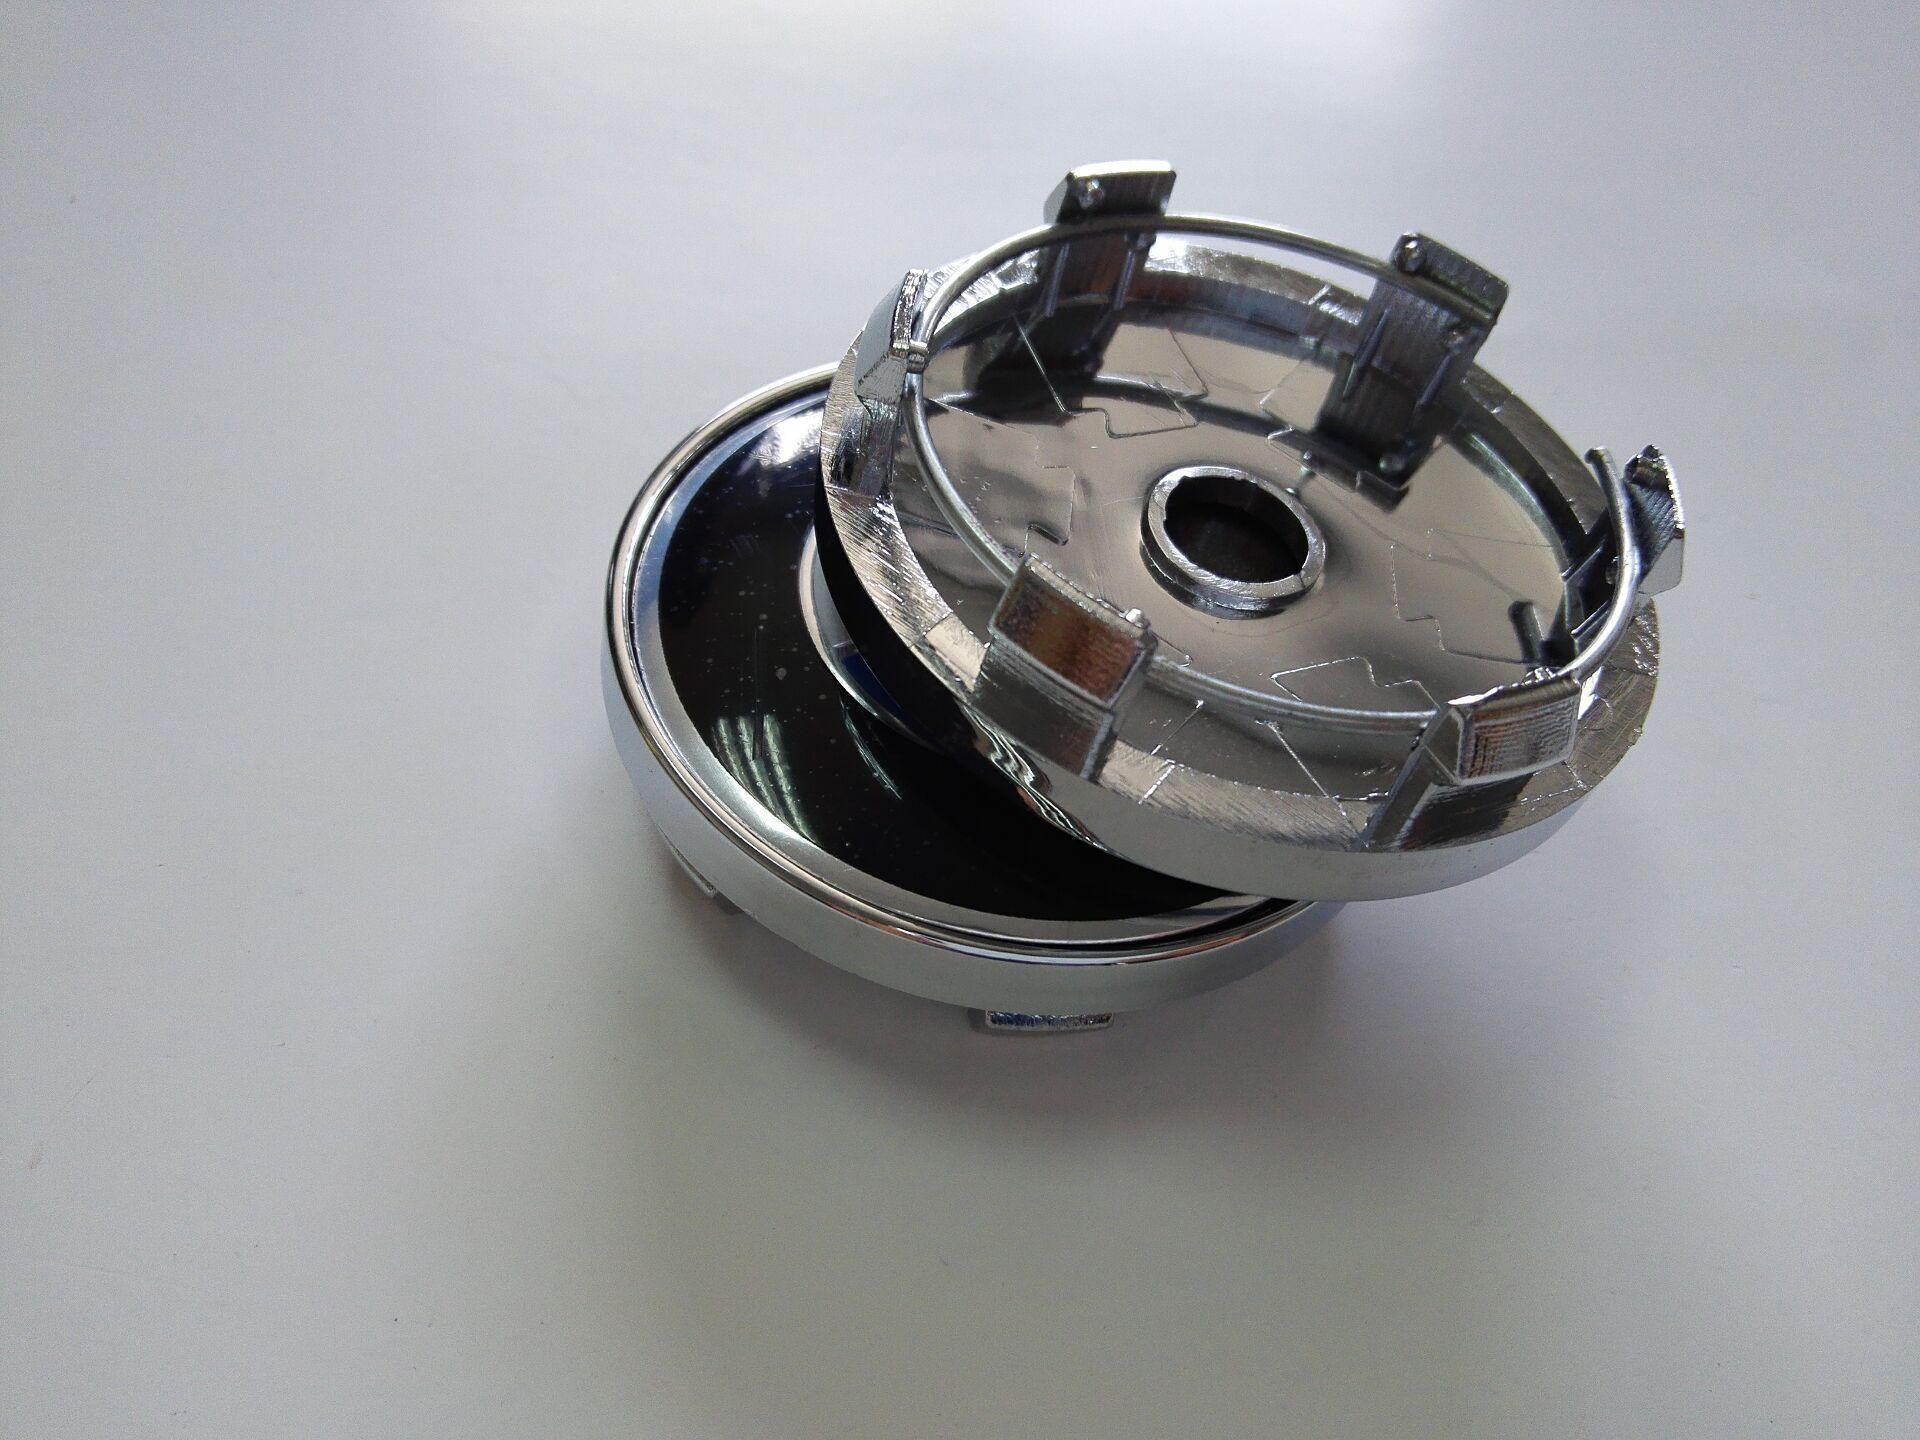 Araba Şekillendirme 60mm Tekerlek Merkezi Hub araba amblemi Rozet İçin Bmw / Vw / Opel / Mazda / Lexus / Volvo / Toyota / H / Kia / Oz Racing Caps.